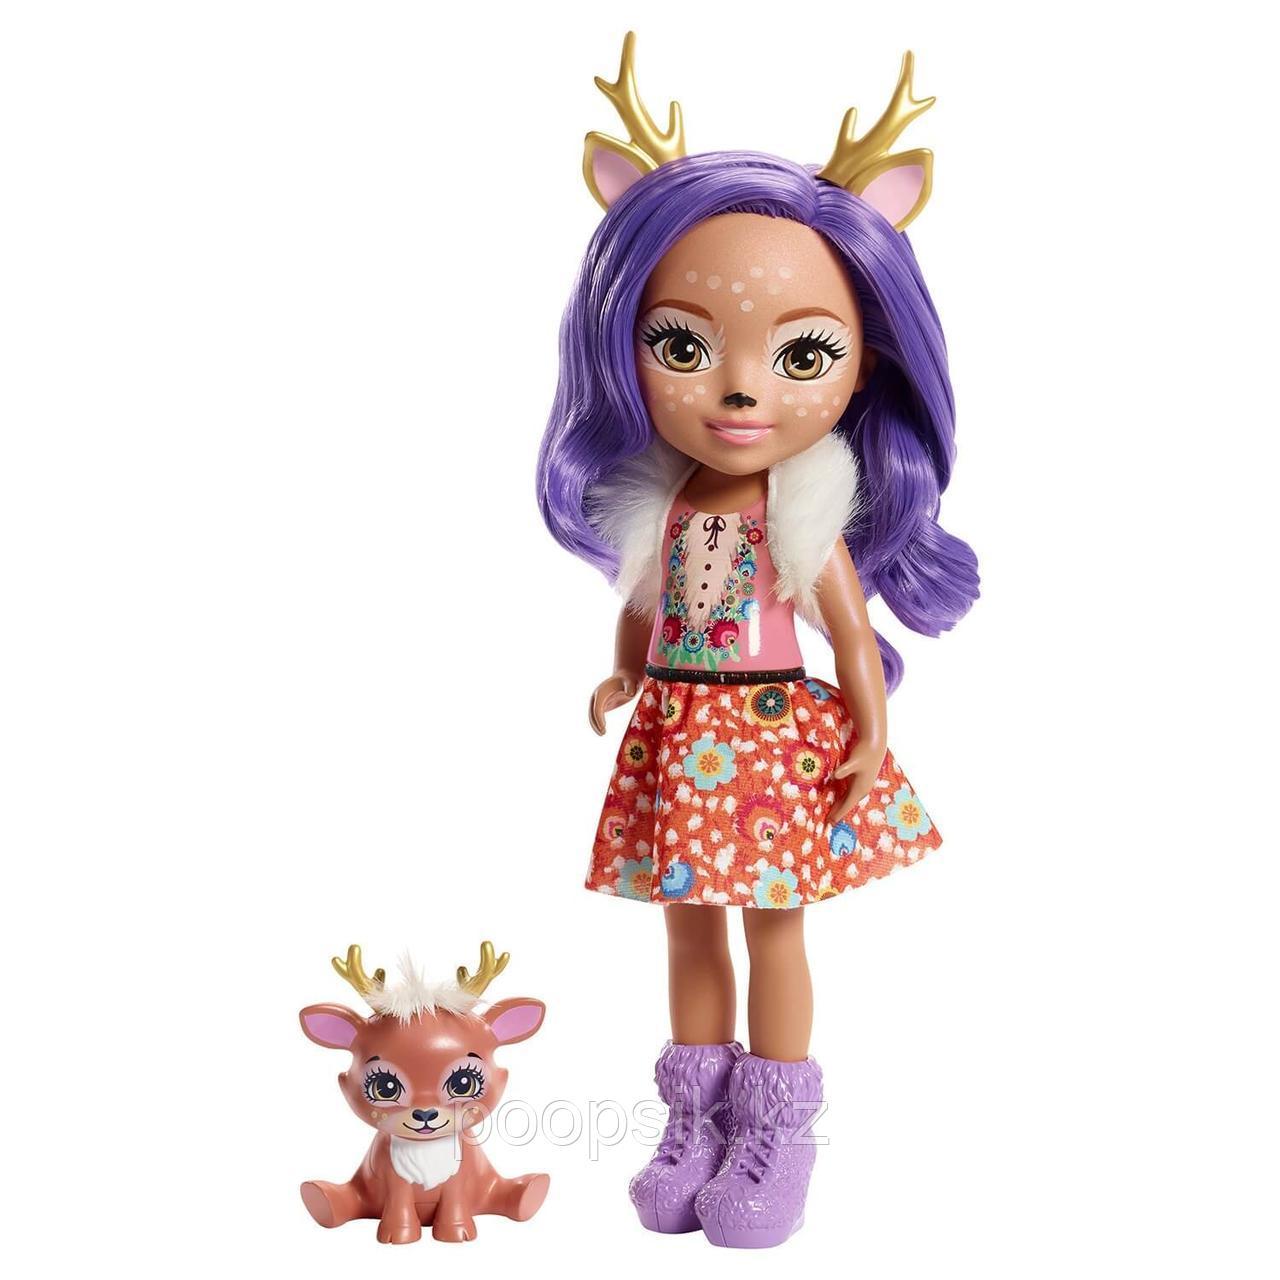 Enchantimals Данесса Олени большая кукла с питомцем FRH51 - фото 2